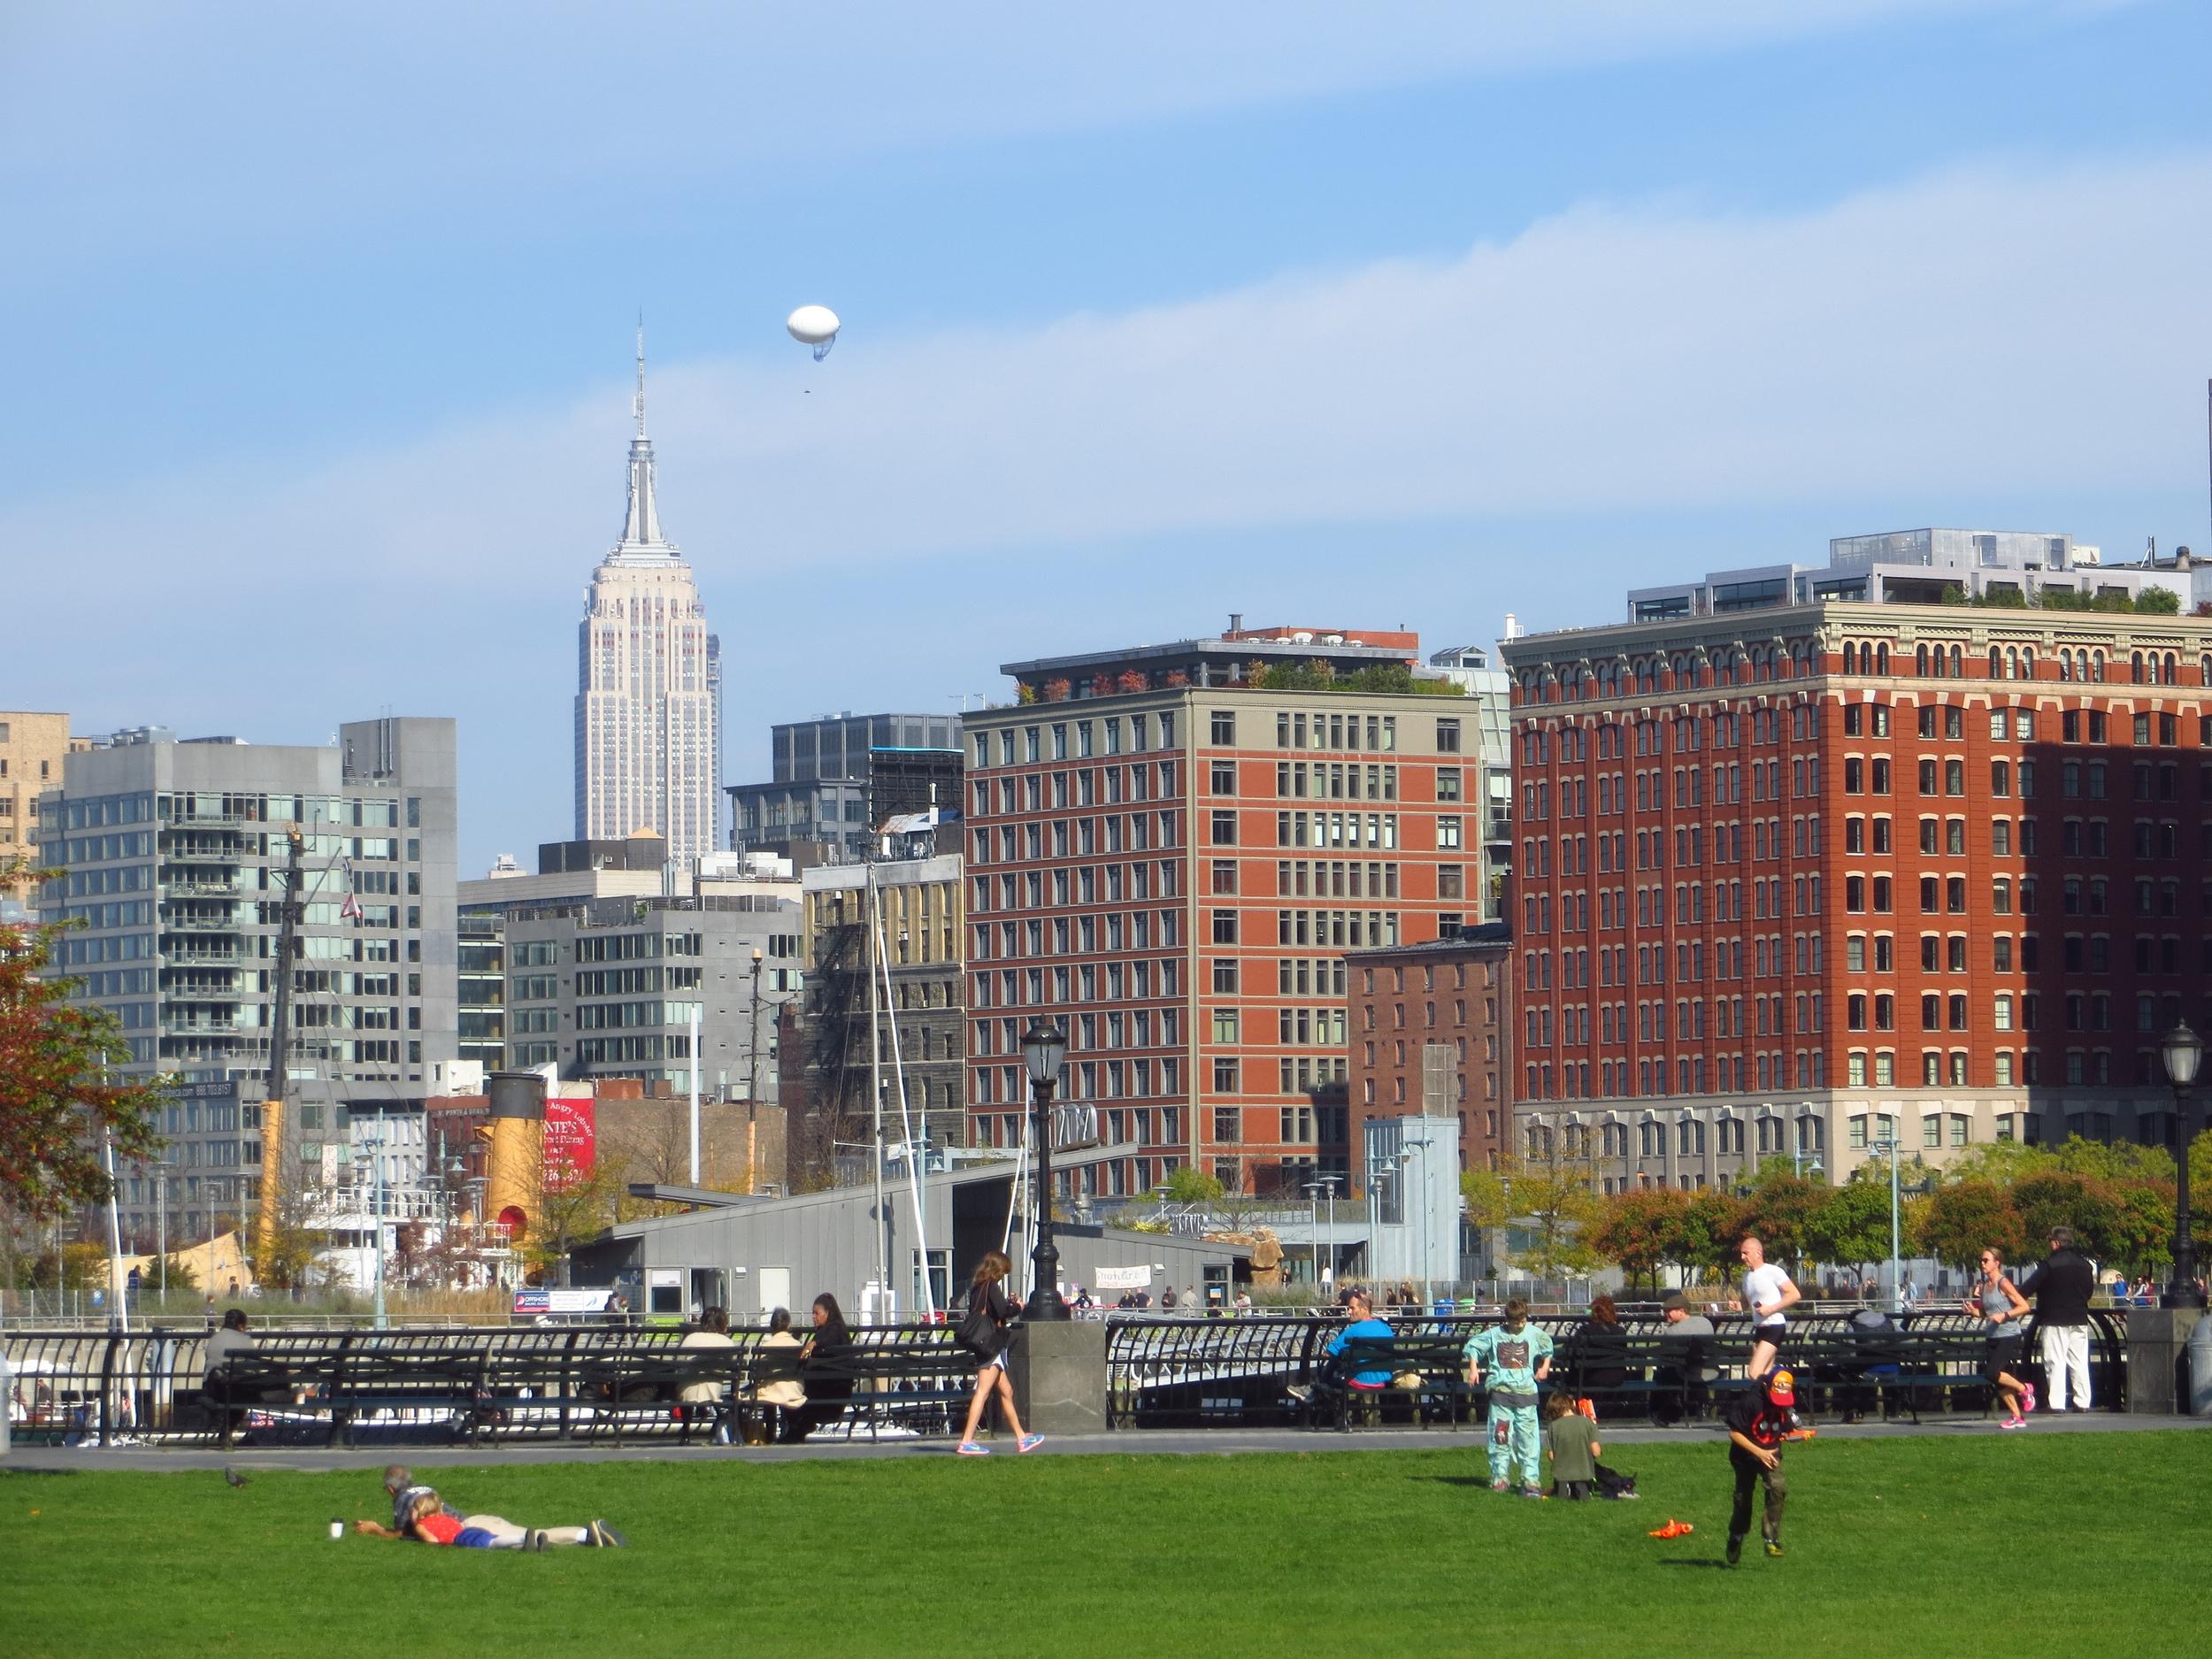 Nice day in Rockefeller Park